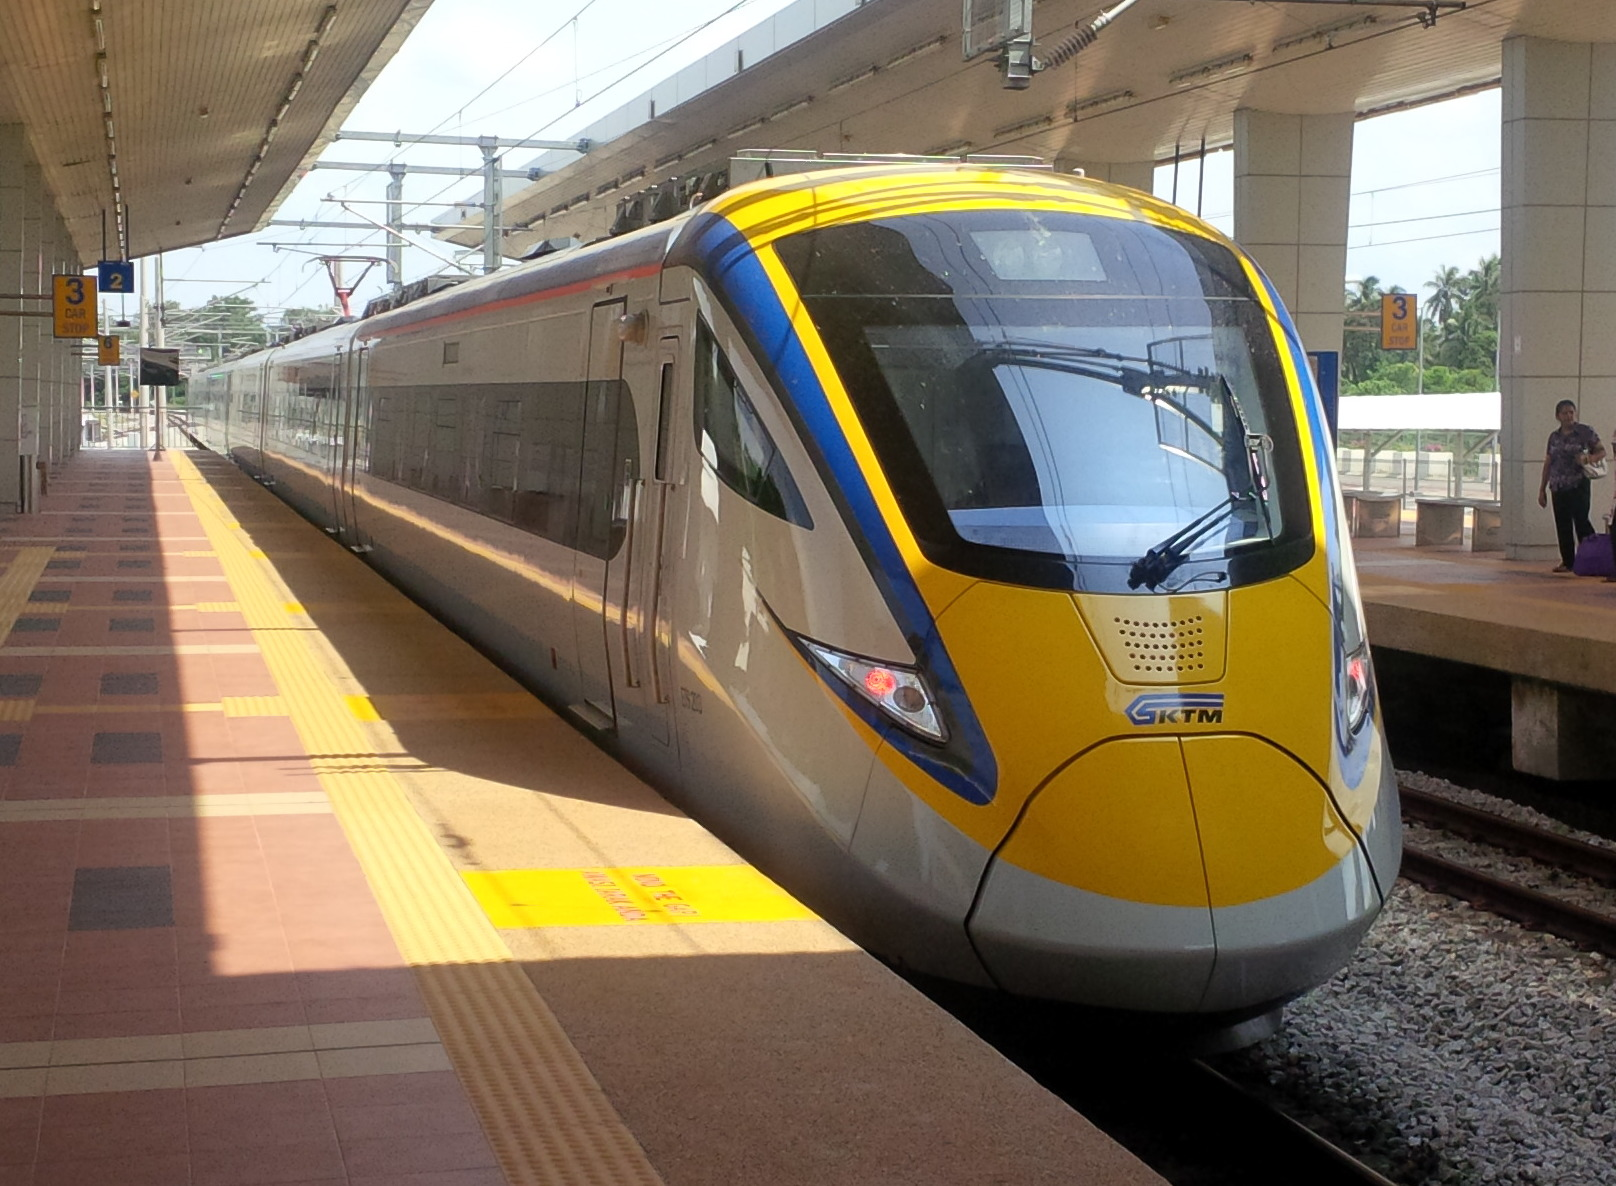 Kl to hatyai train